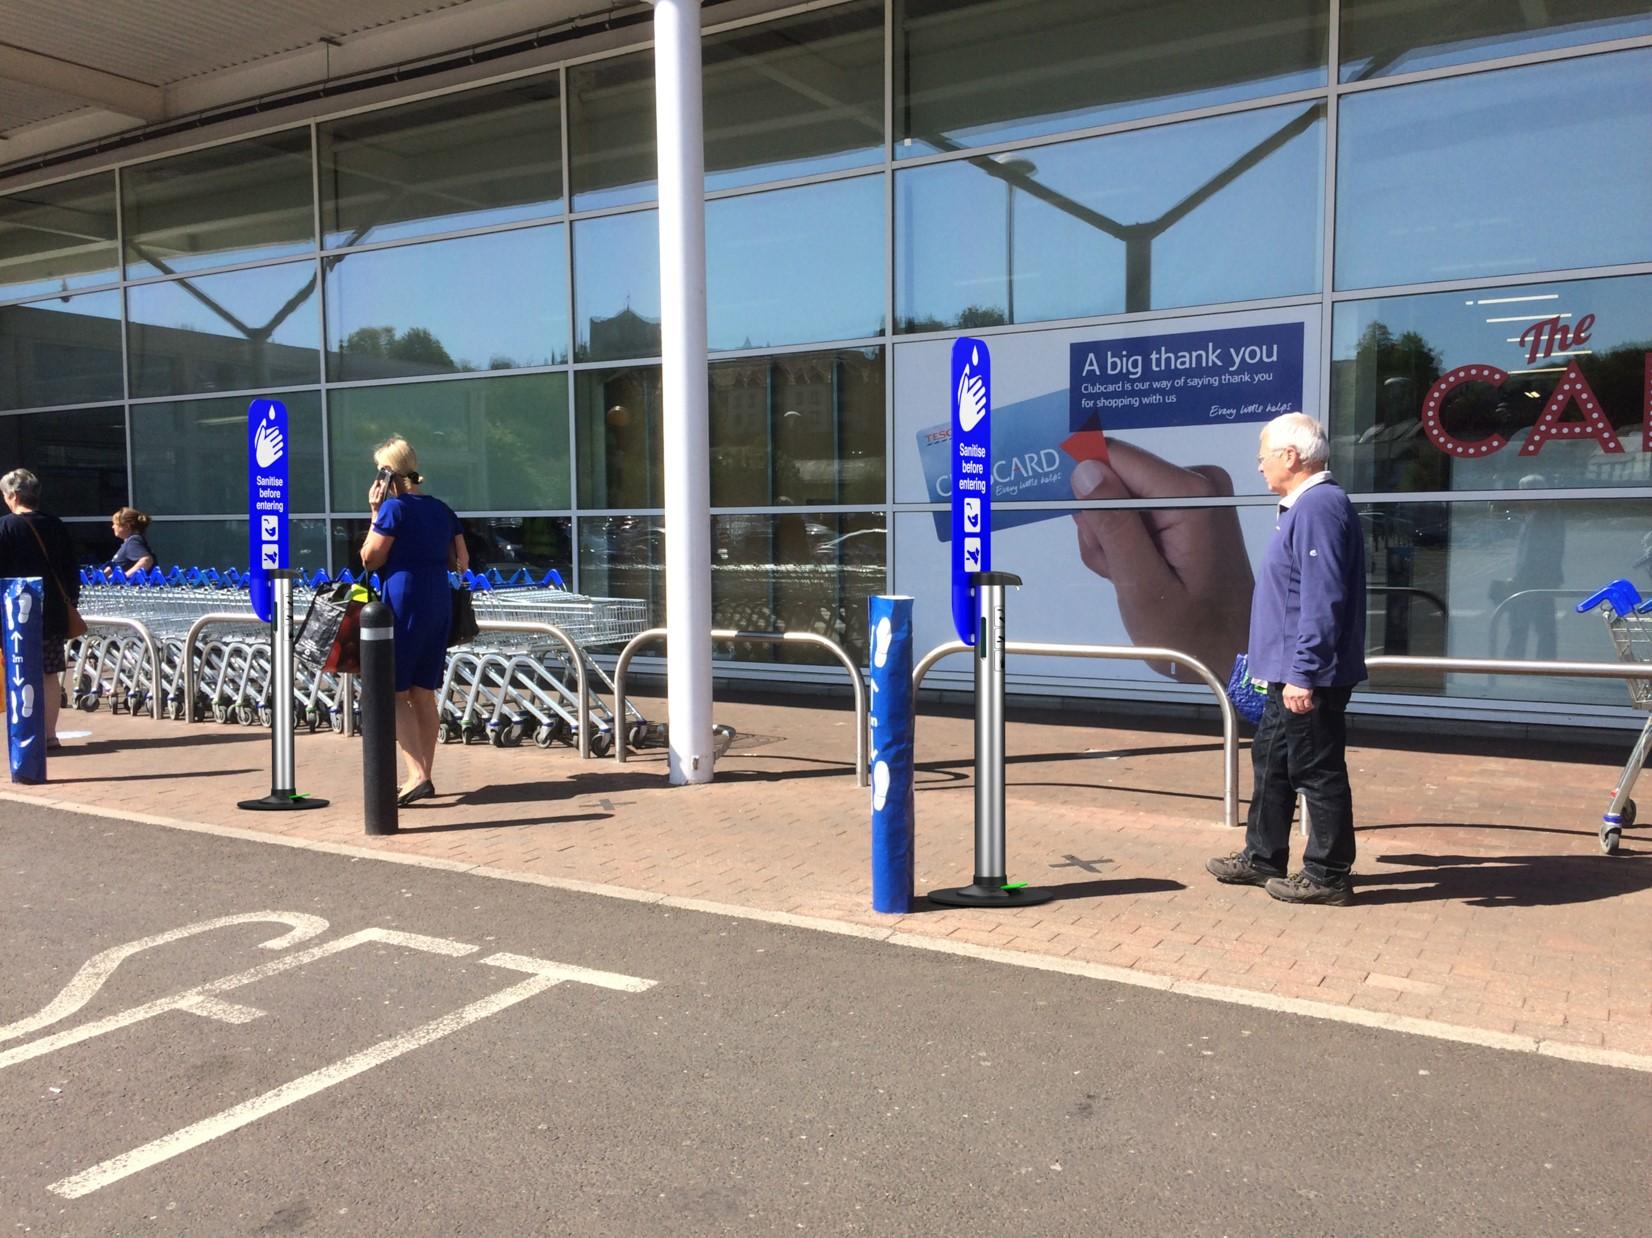 sanitiser dispenser supermarket